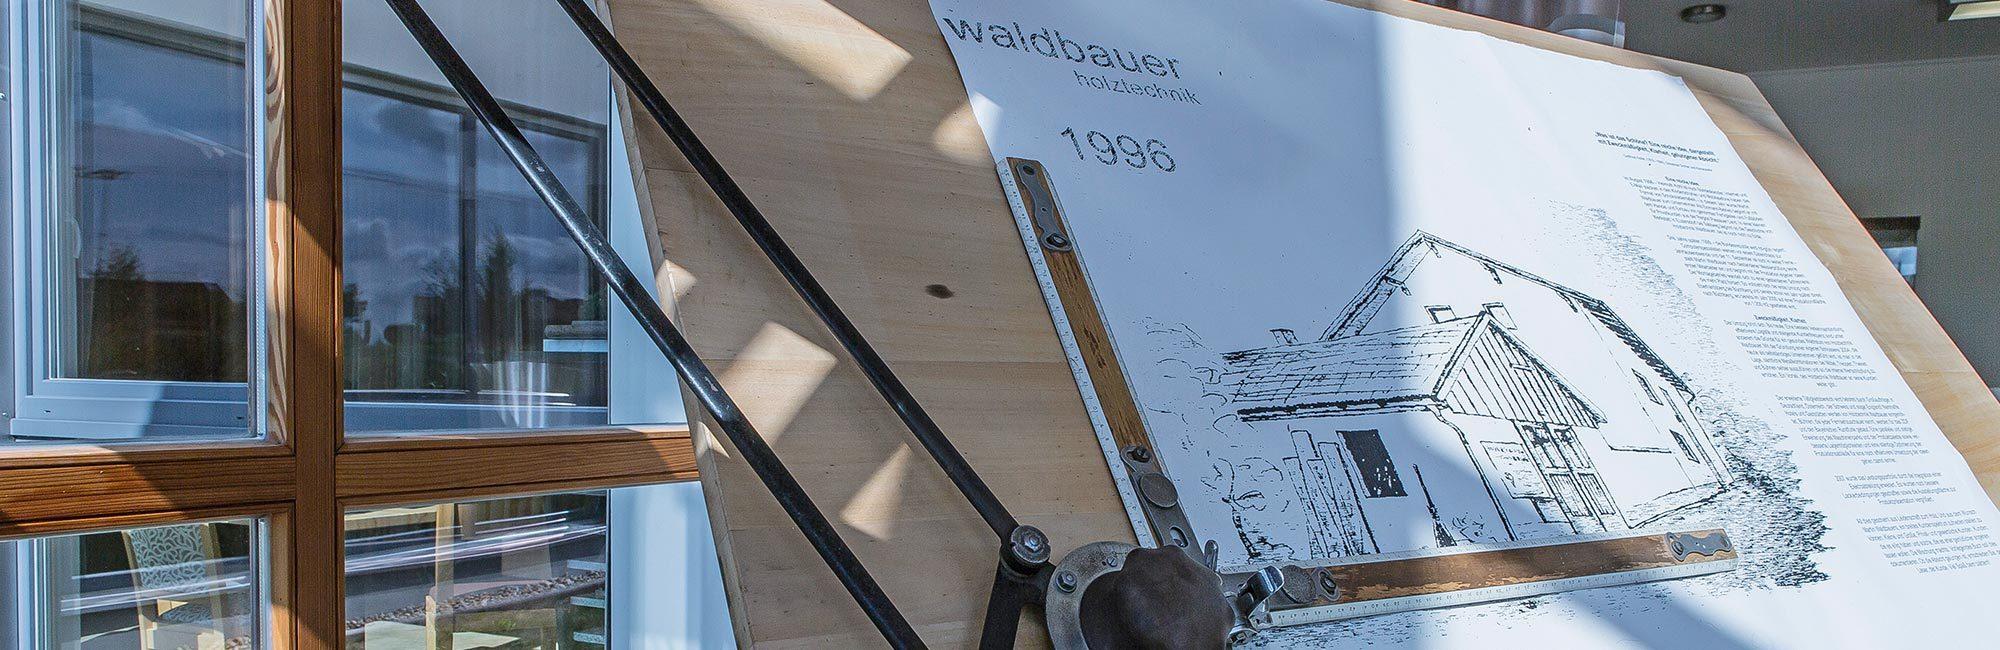 Firmengeschichte des Unternehmens Waldbauer | Hotel- und Gastroeinrichtungen